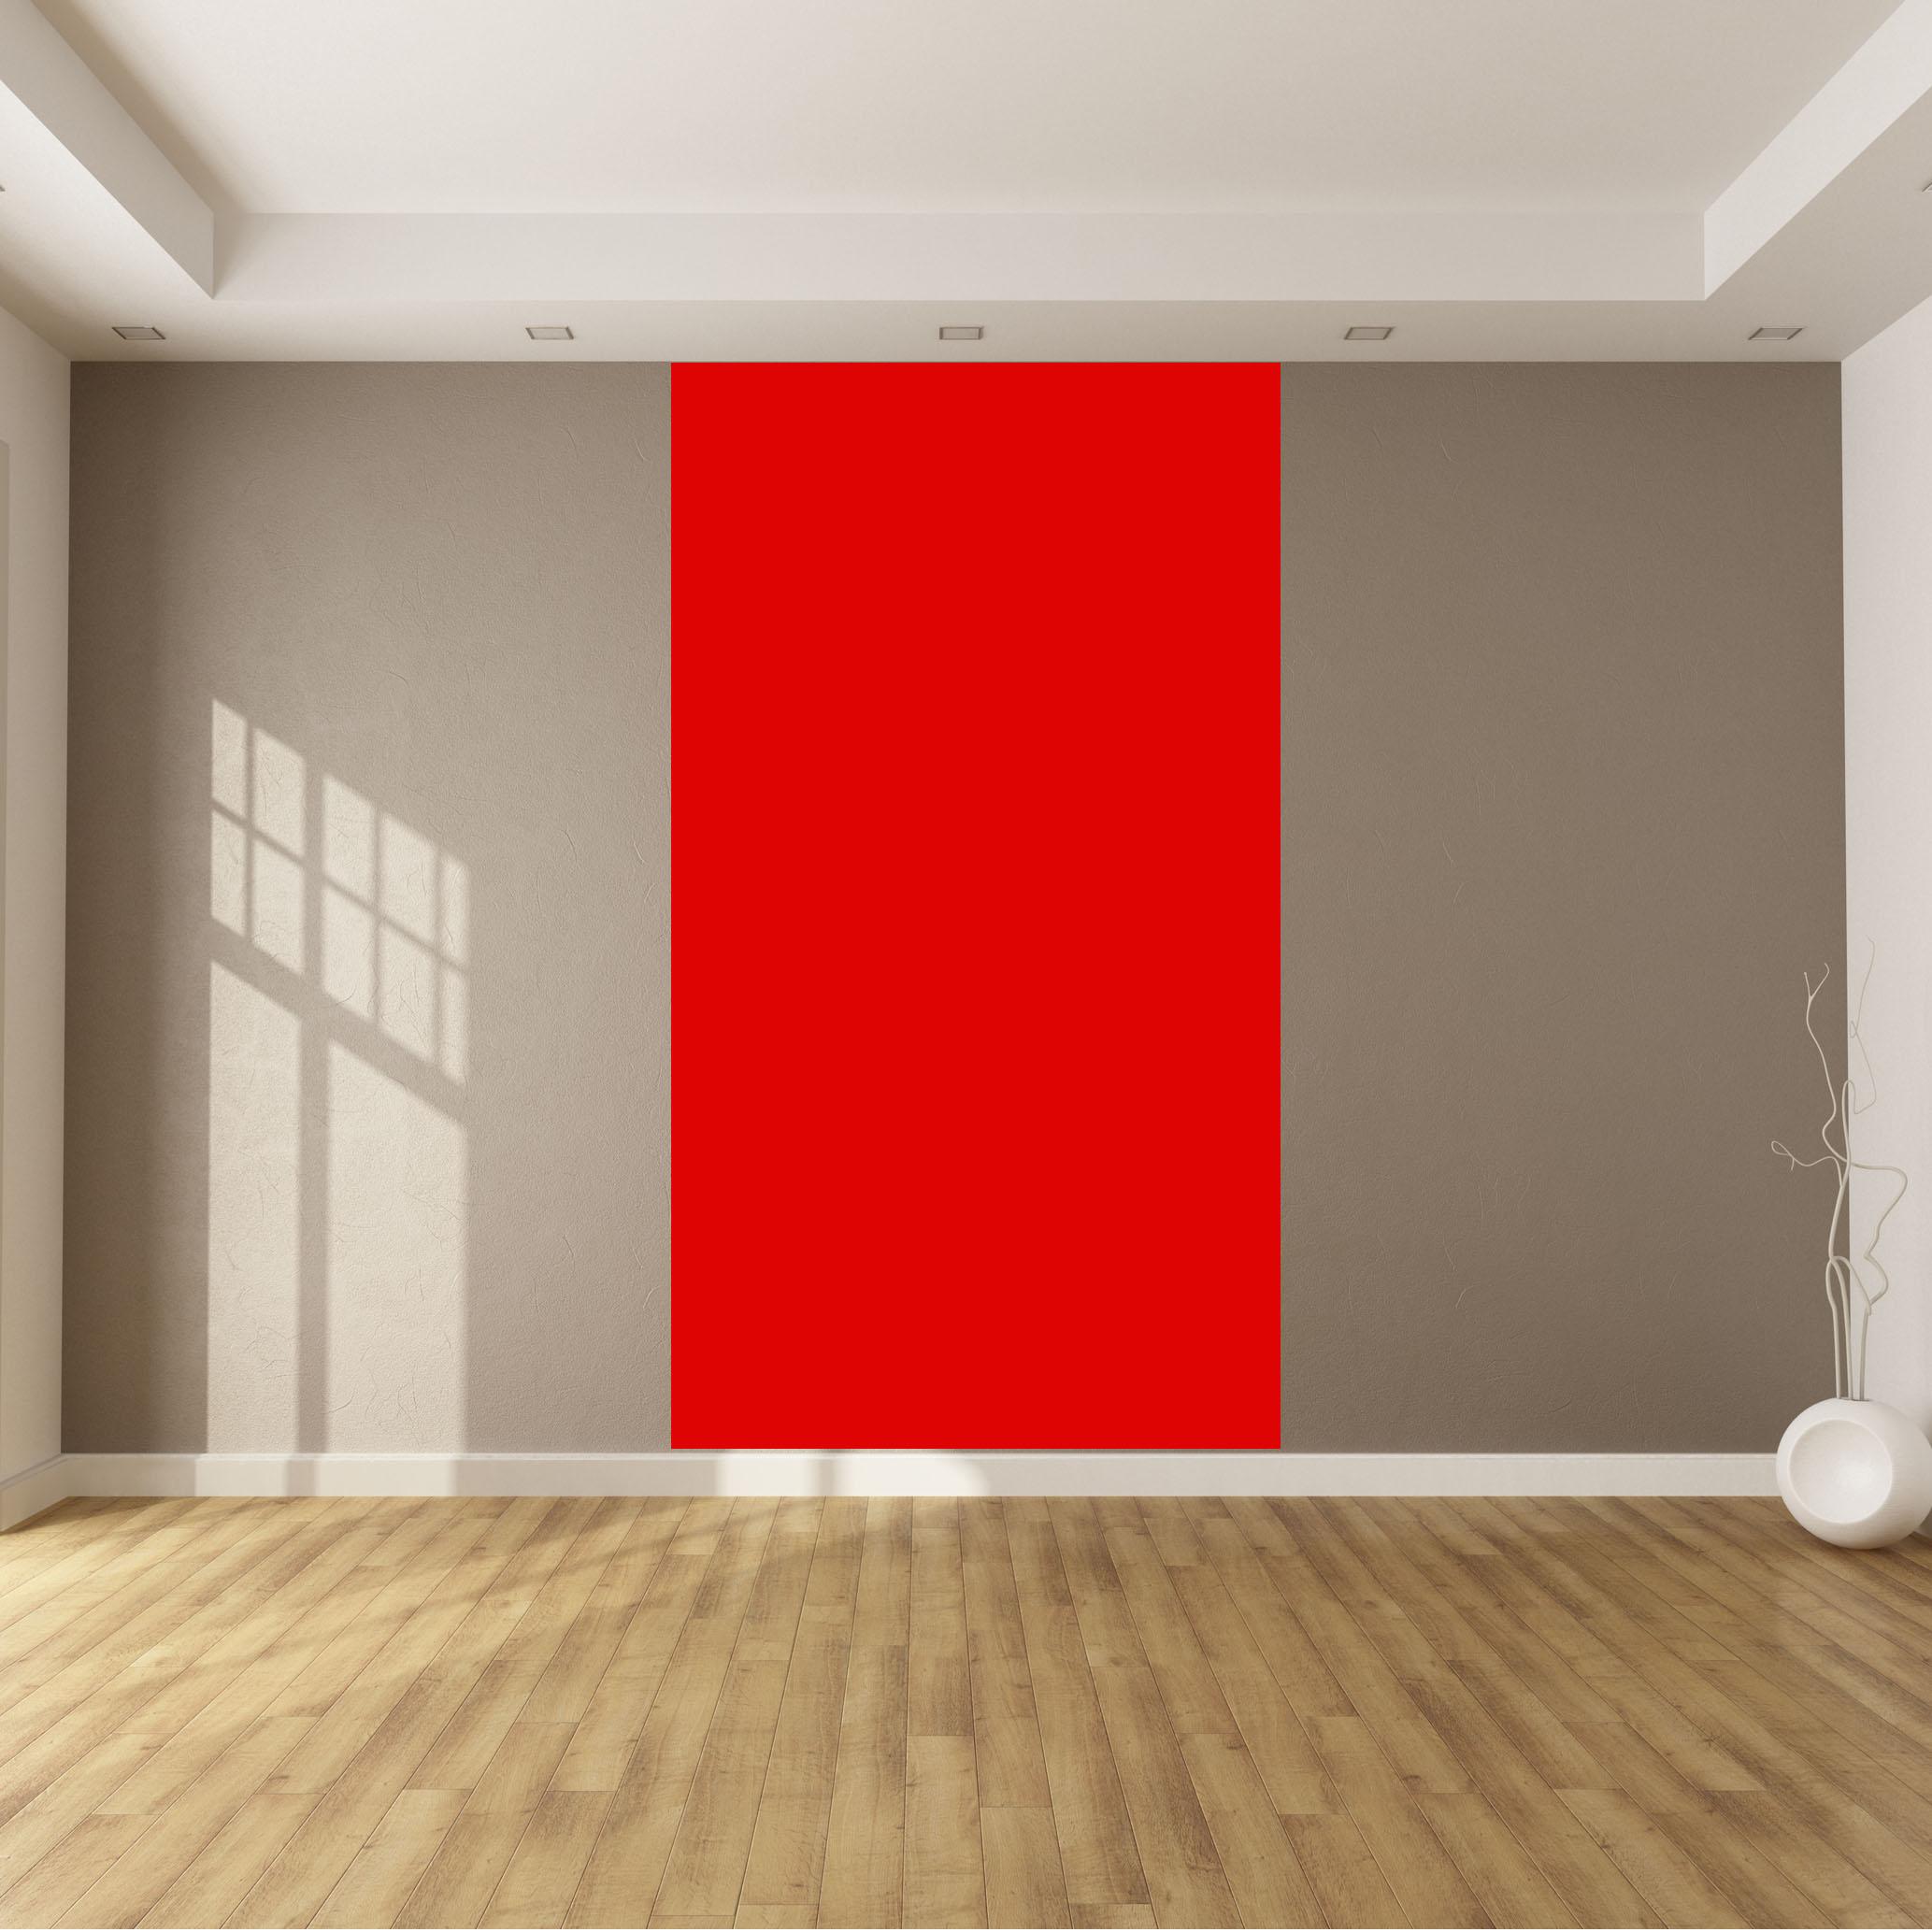 Sympathisch Wandtattoo Rot Ideen Von Wandklebefolie